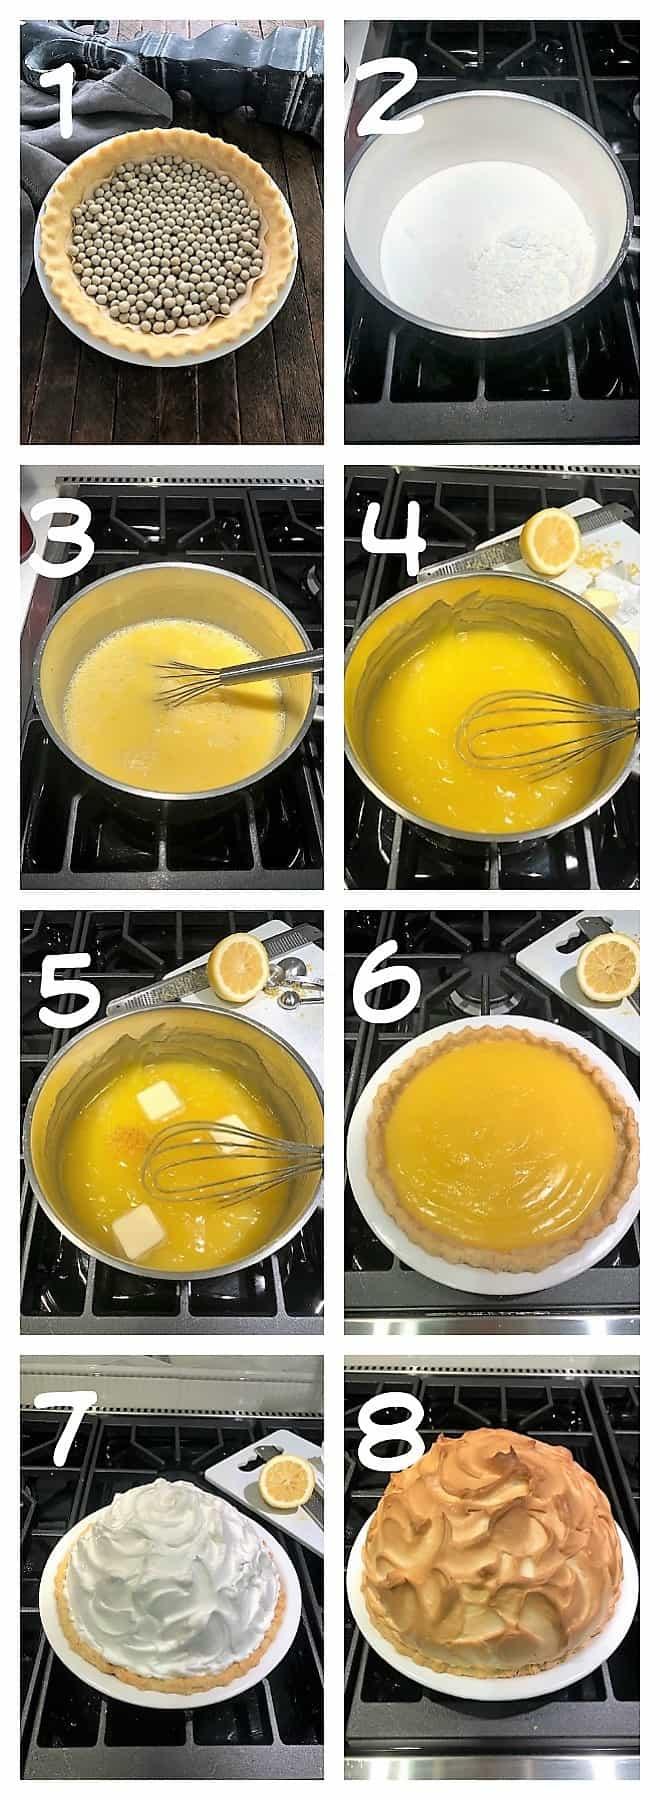 8 process shots for making a lemon meringue pie